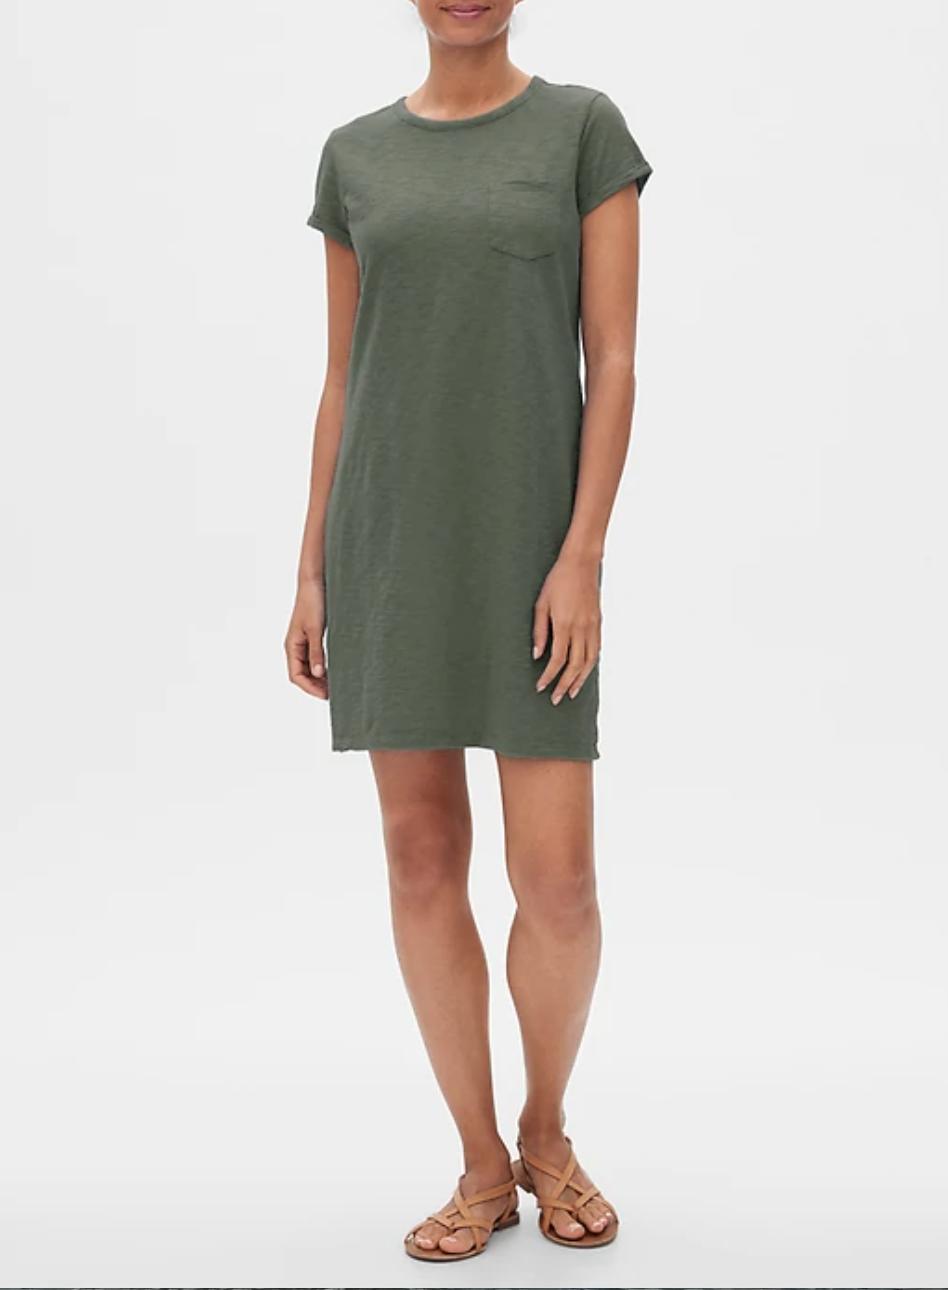 gap factory t shirt dress sale